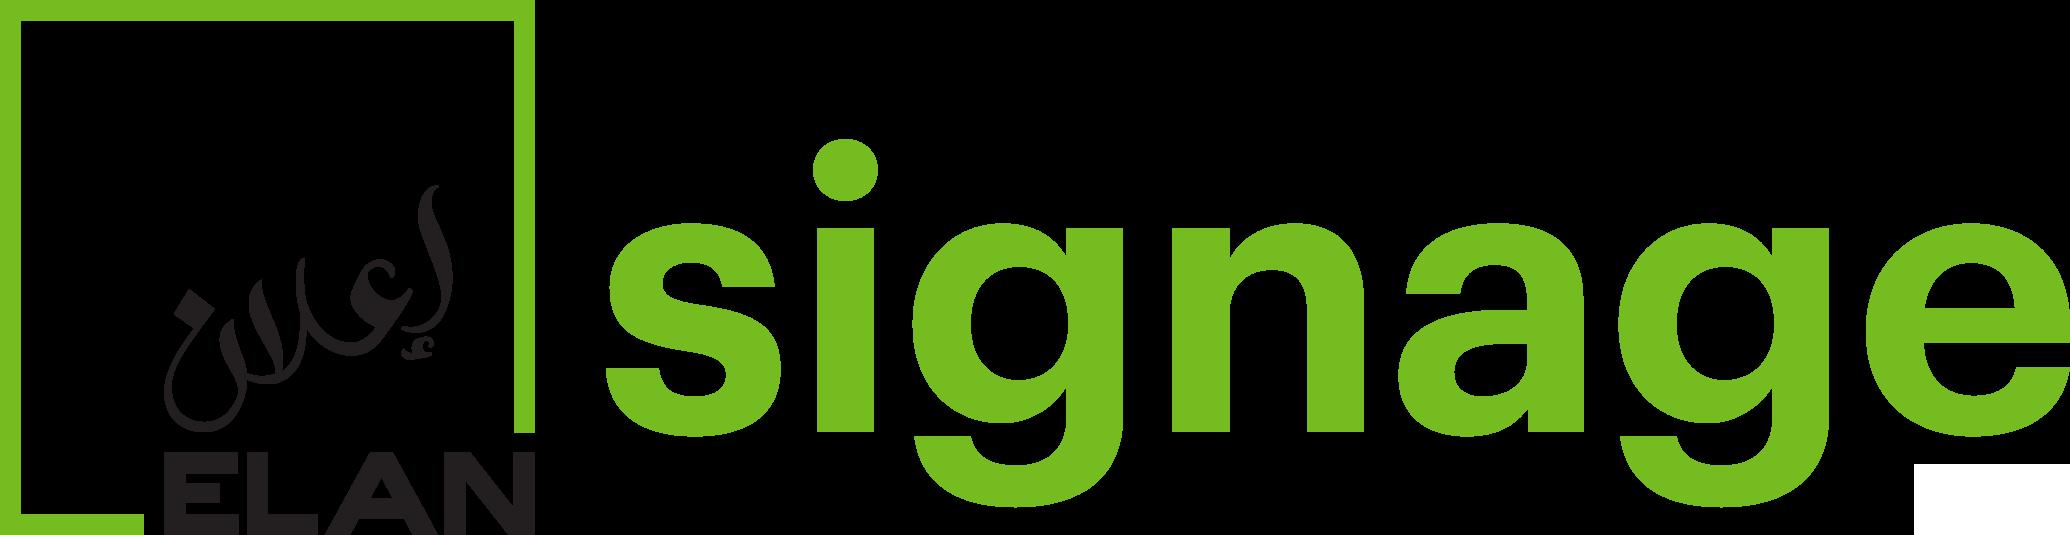 ELAN Signage logo